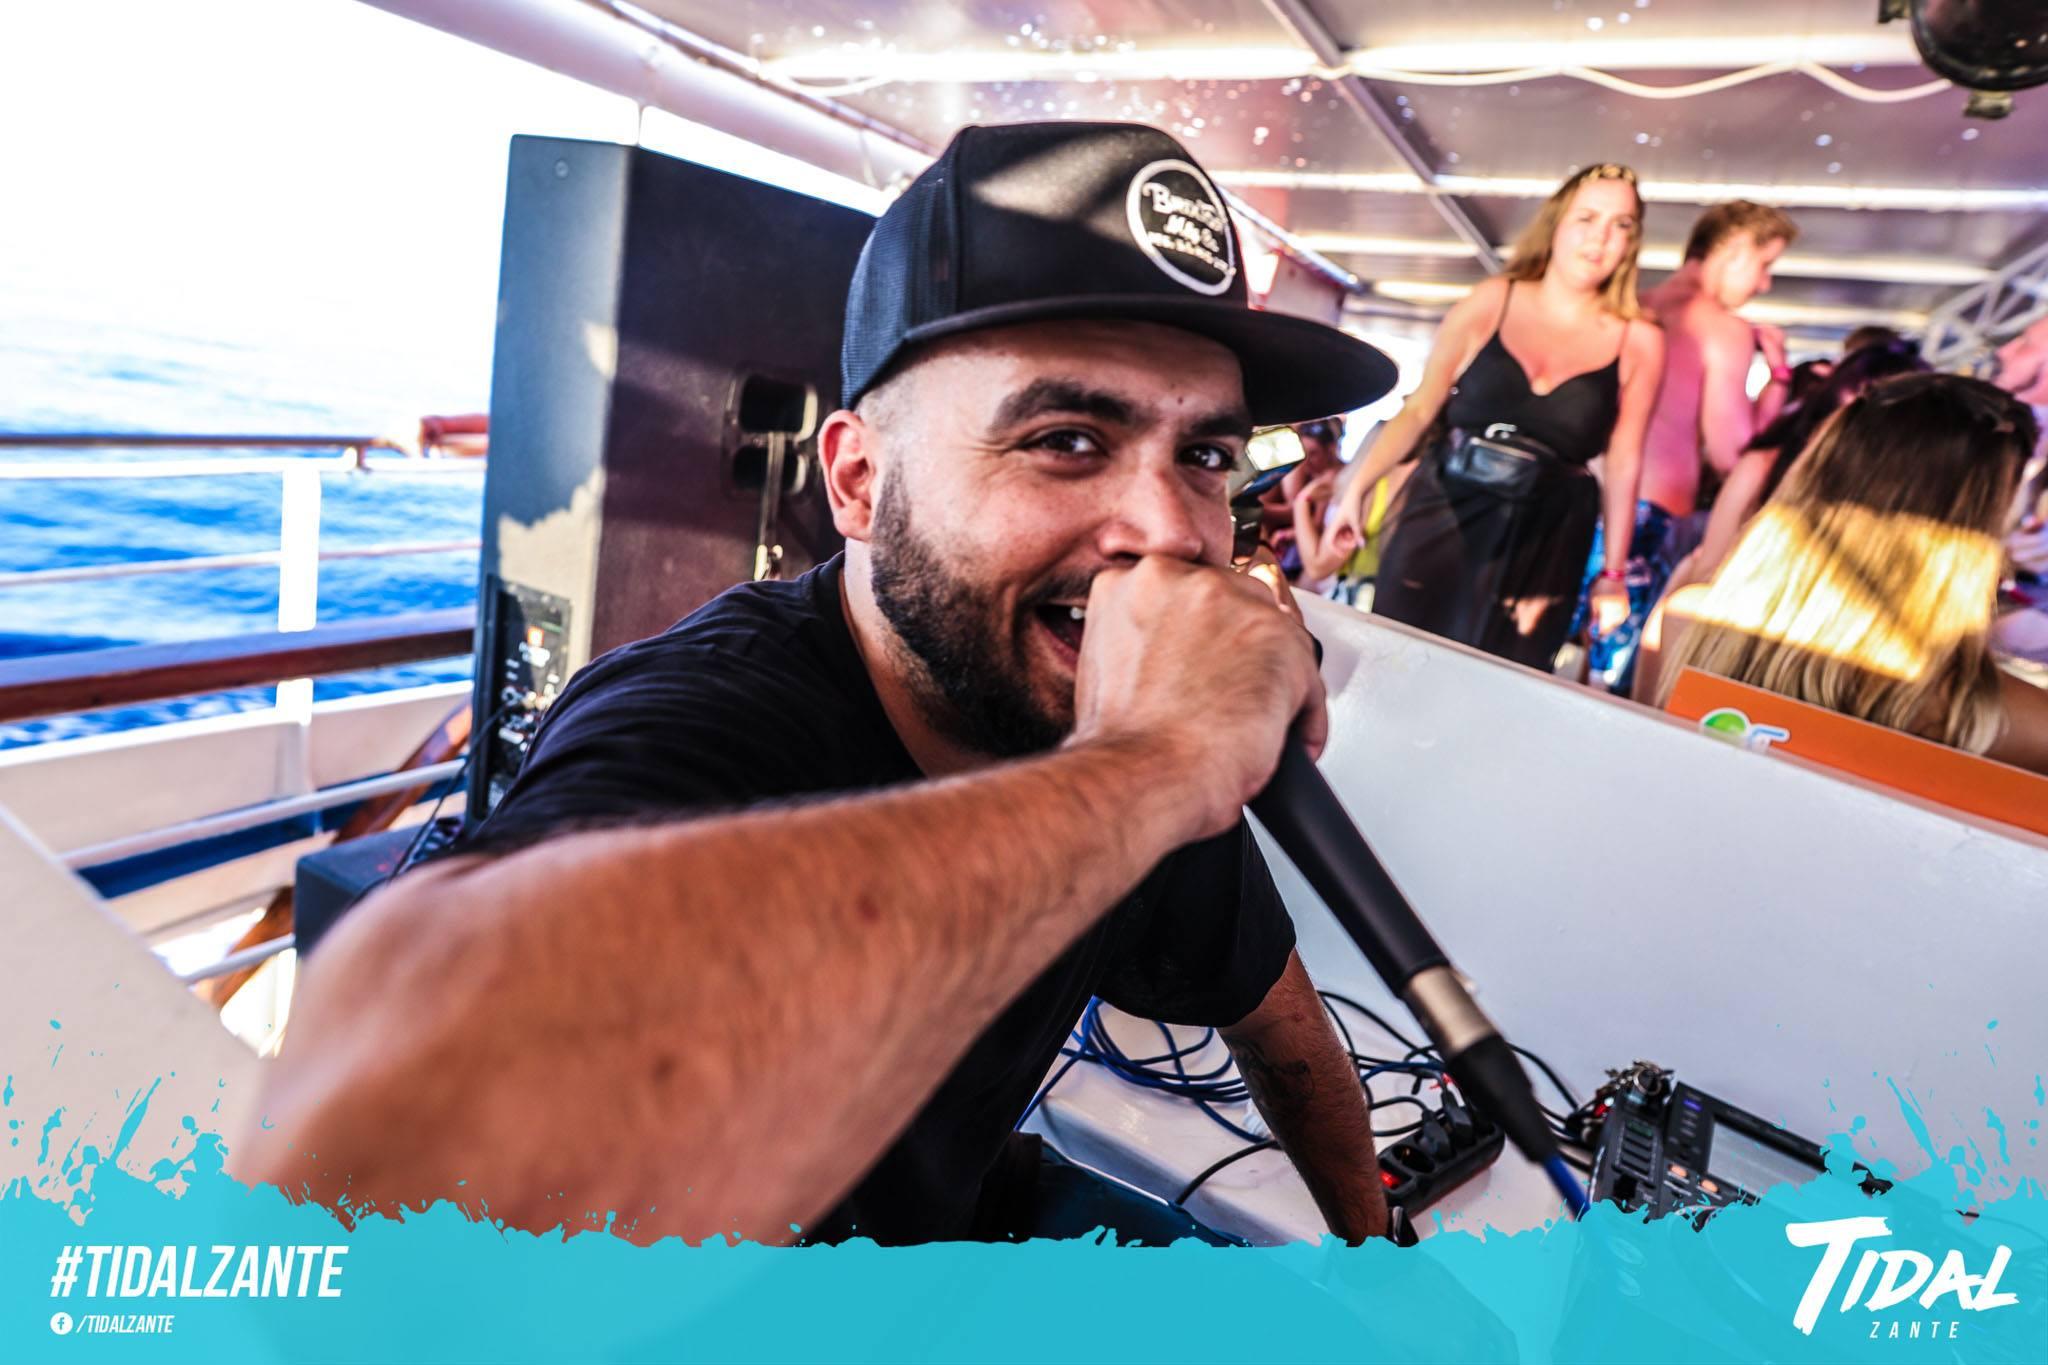 tidal-boat-party-zante